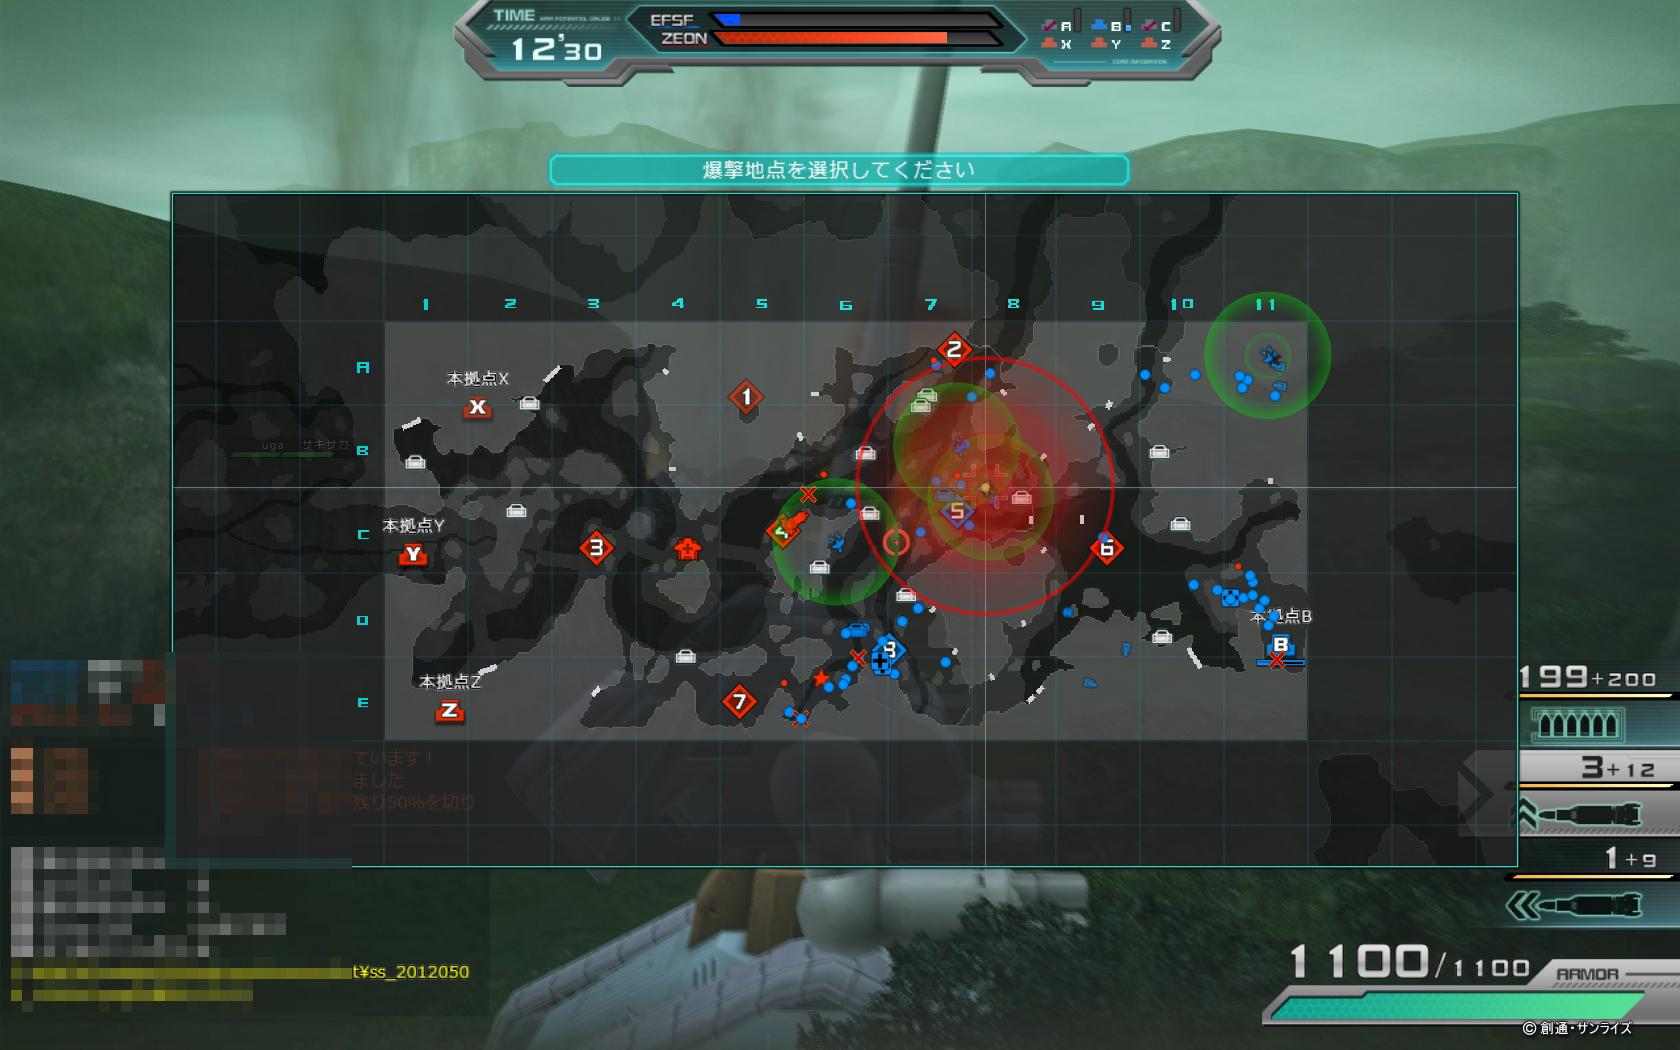 様々な機体で、様々な場面を戦っていく。左上はガンタンクによる砲撃画面